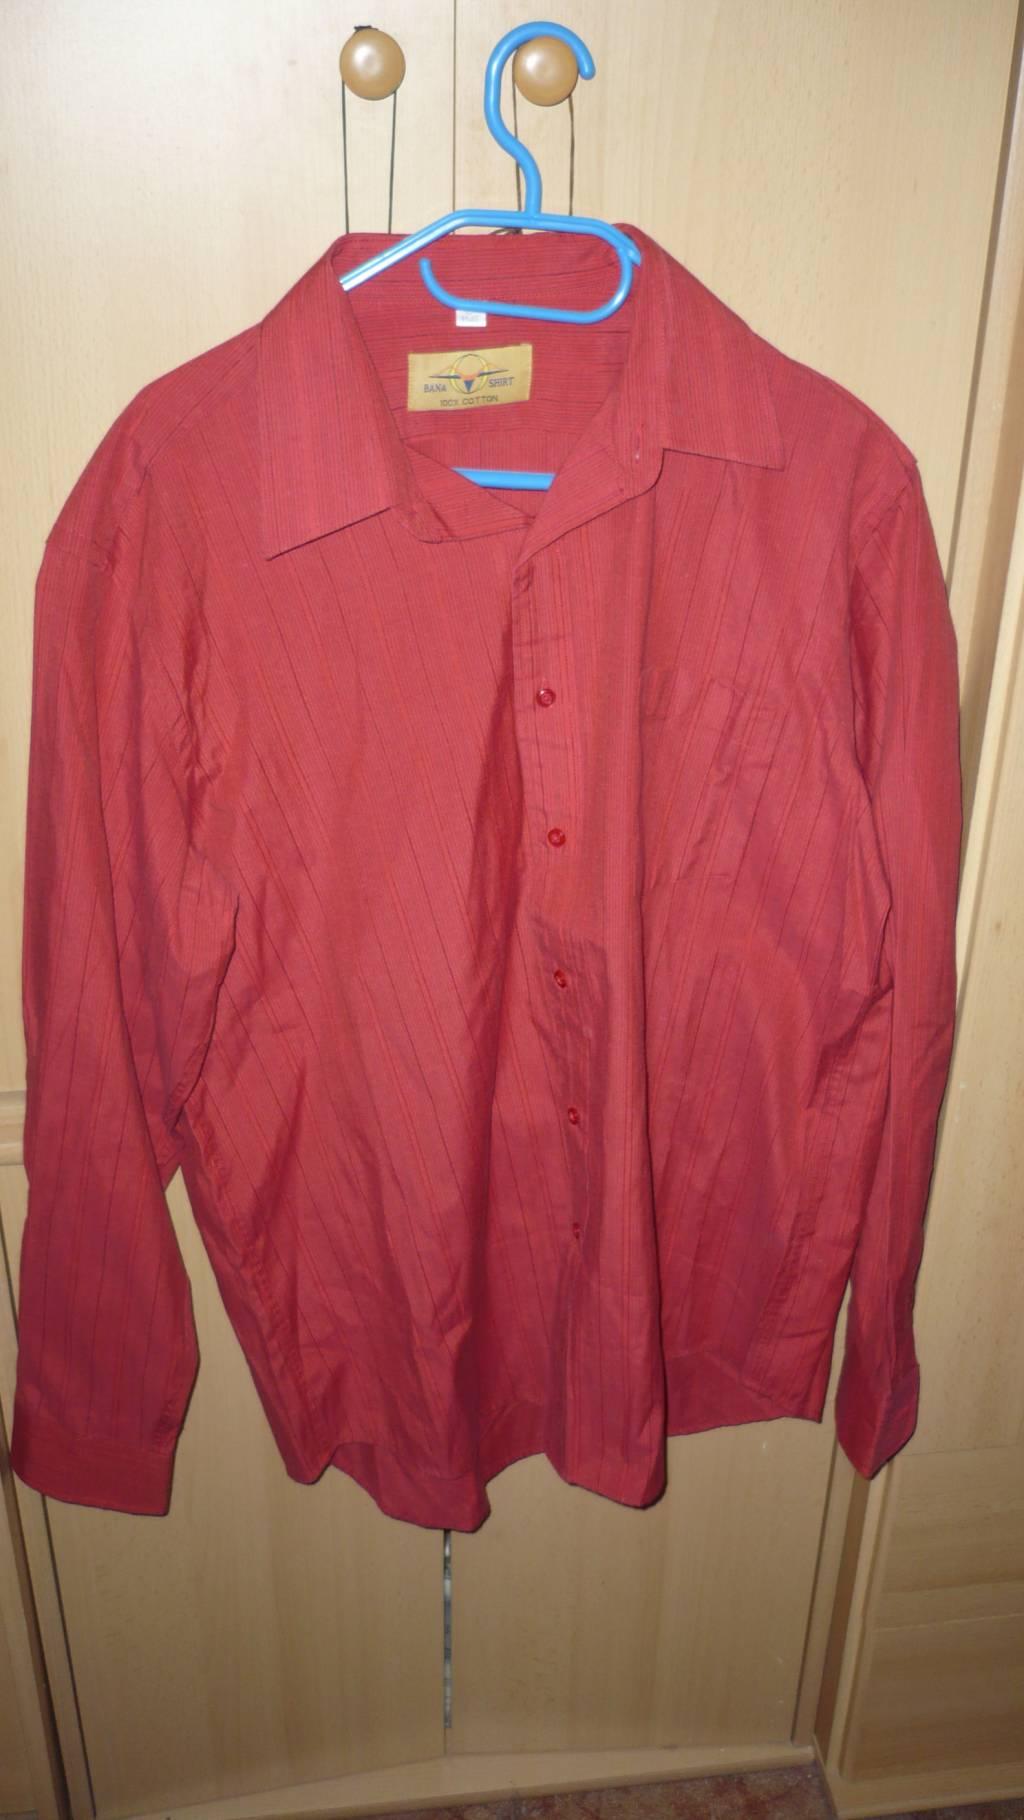 82487c27557 Daruji za odvoz pánská košile s dlouhým rukávem - červená vel.42 ...